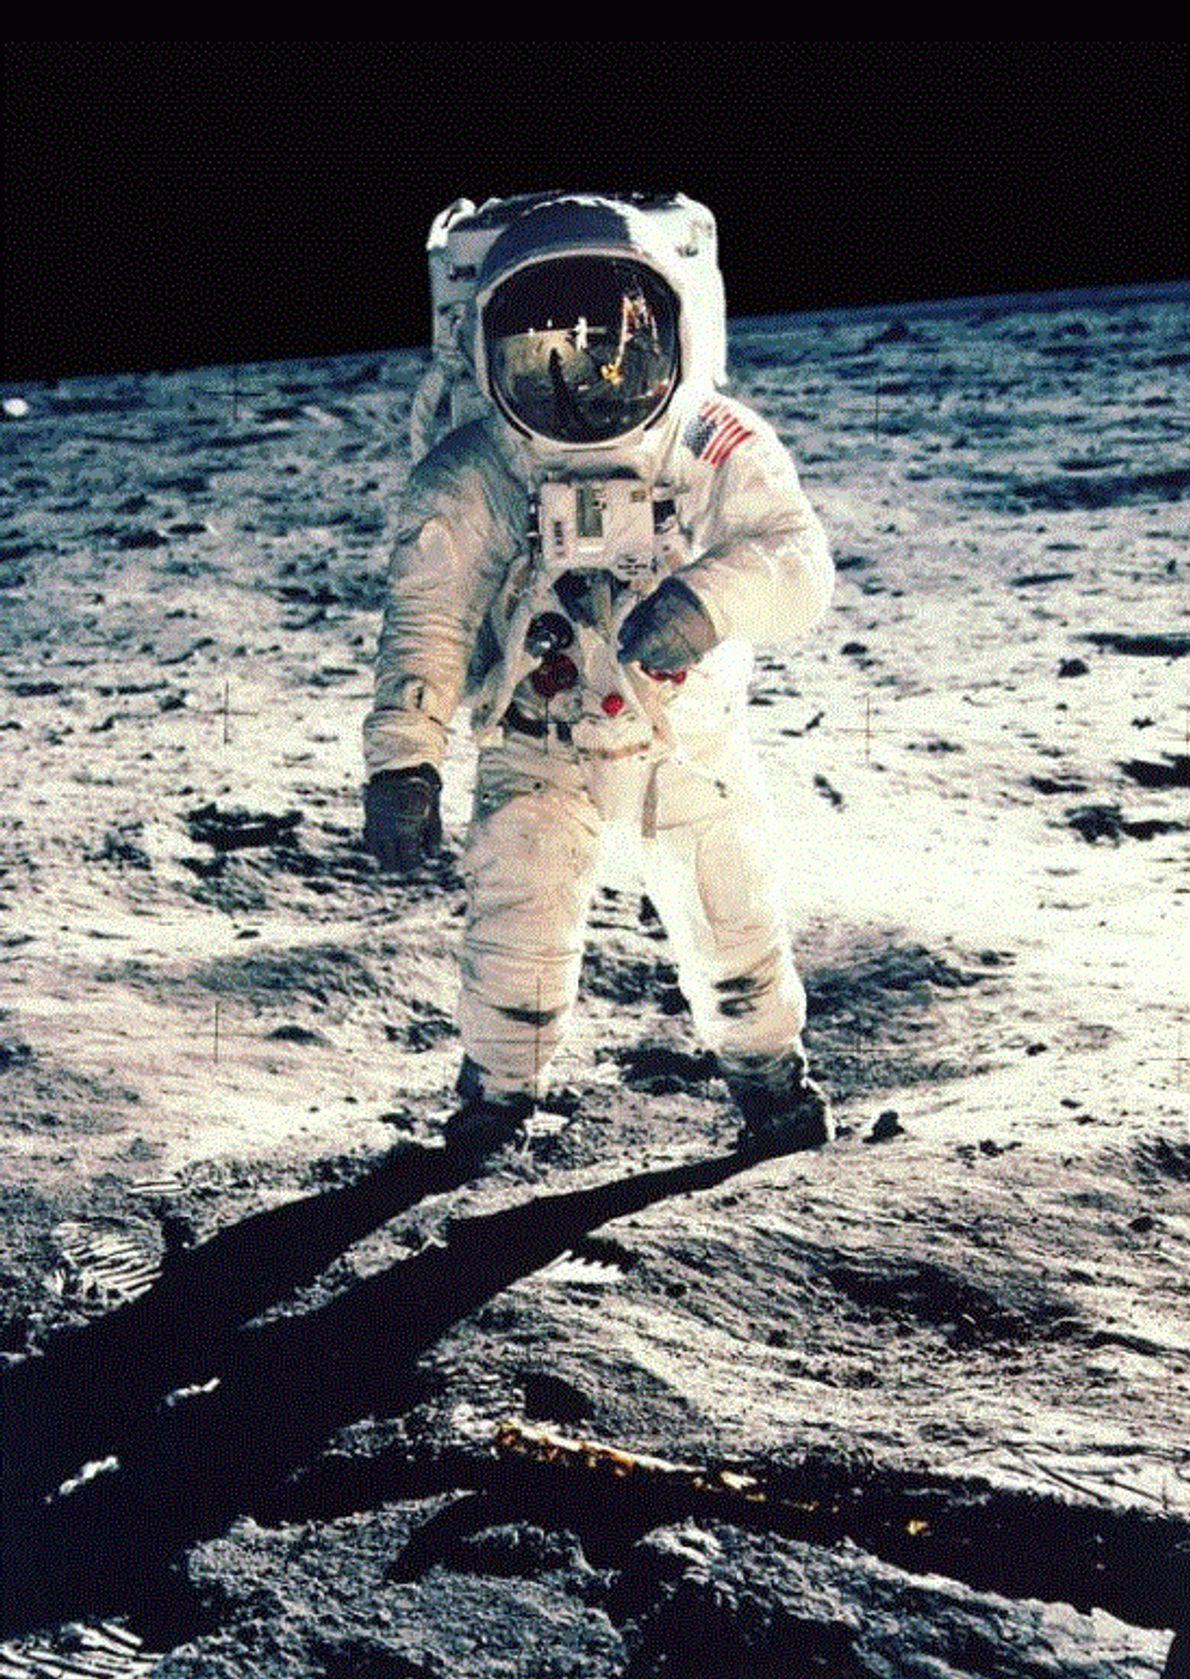 L'astronaute Neil Armstrong a pris cet autoportrait lors de la mission Apollo 11 en 1969 : ...